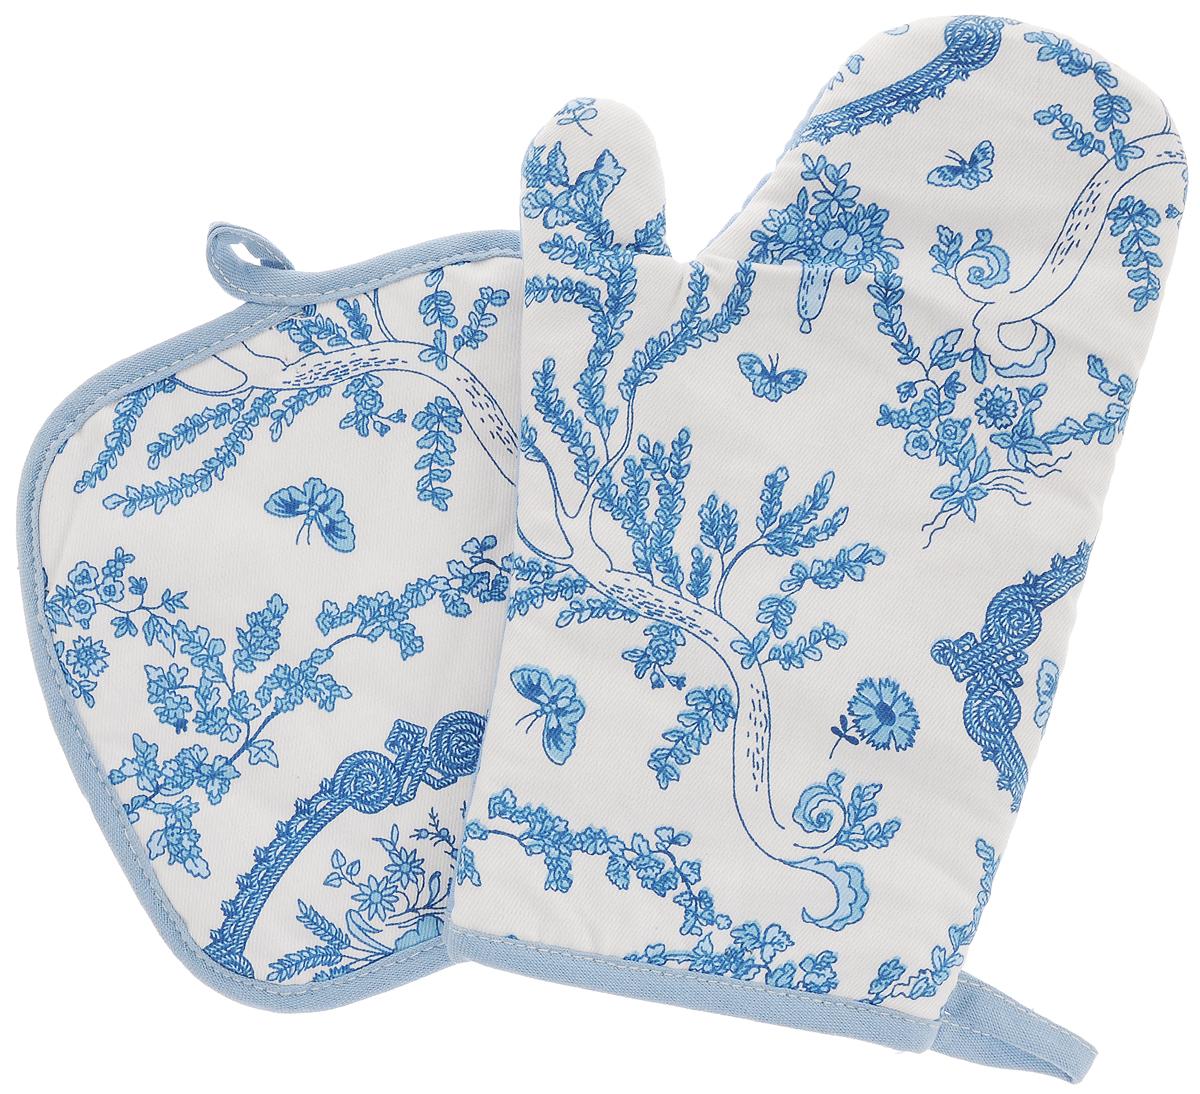 Набор прихваток Bonita Жуи, 2 предметаVT-1520(SR)Набор Bonita Жуи состоит из прихватки-рукавицы и квадратной прихватки. Изделия выполнены из натурального хлопка и декорированы оригинальным рисунком. Прихватки простеганы, а края окантованы. Оснащены специальными петельками, за которые их можно подвесить на крючок в любом удобном для вас месте. Такой набор красиво дополнит интерьер кухни. Размер прихватки-рукавицы: 16 х 28 см.Размер прихватки: 17 х 17 см.